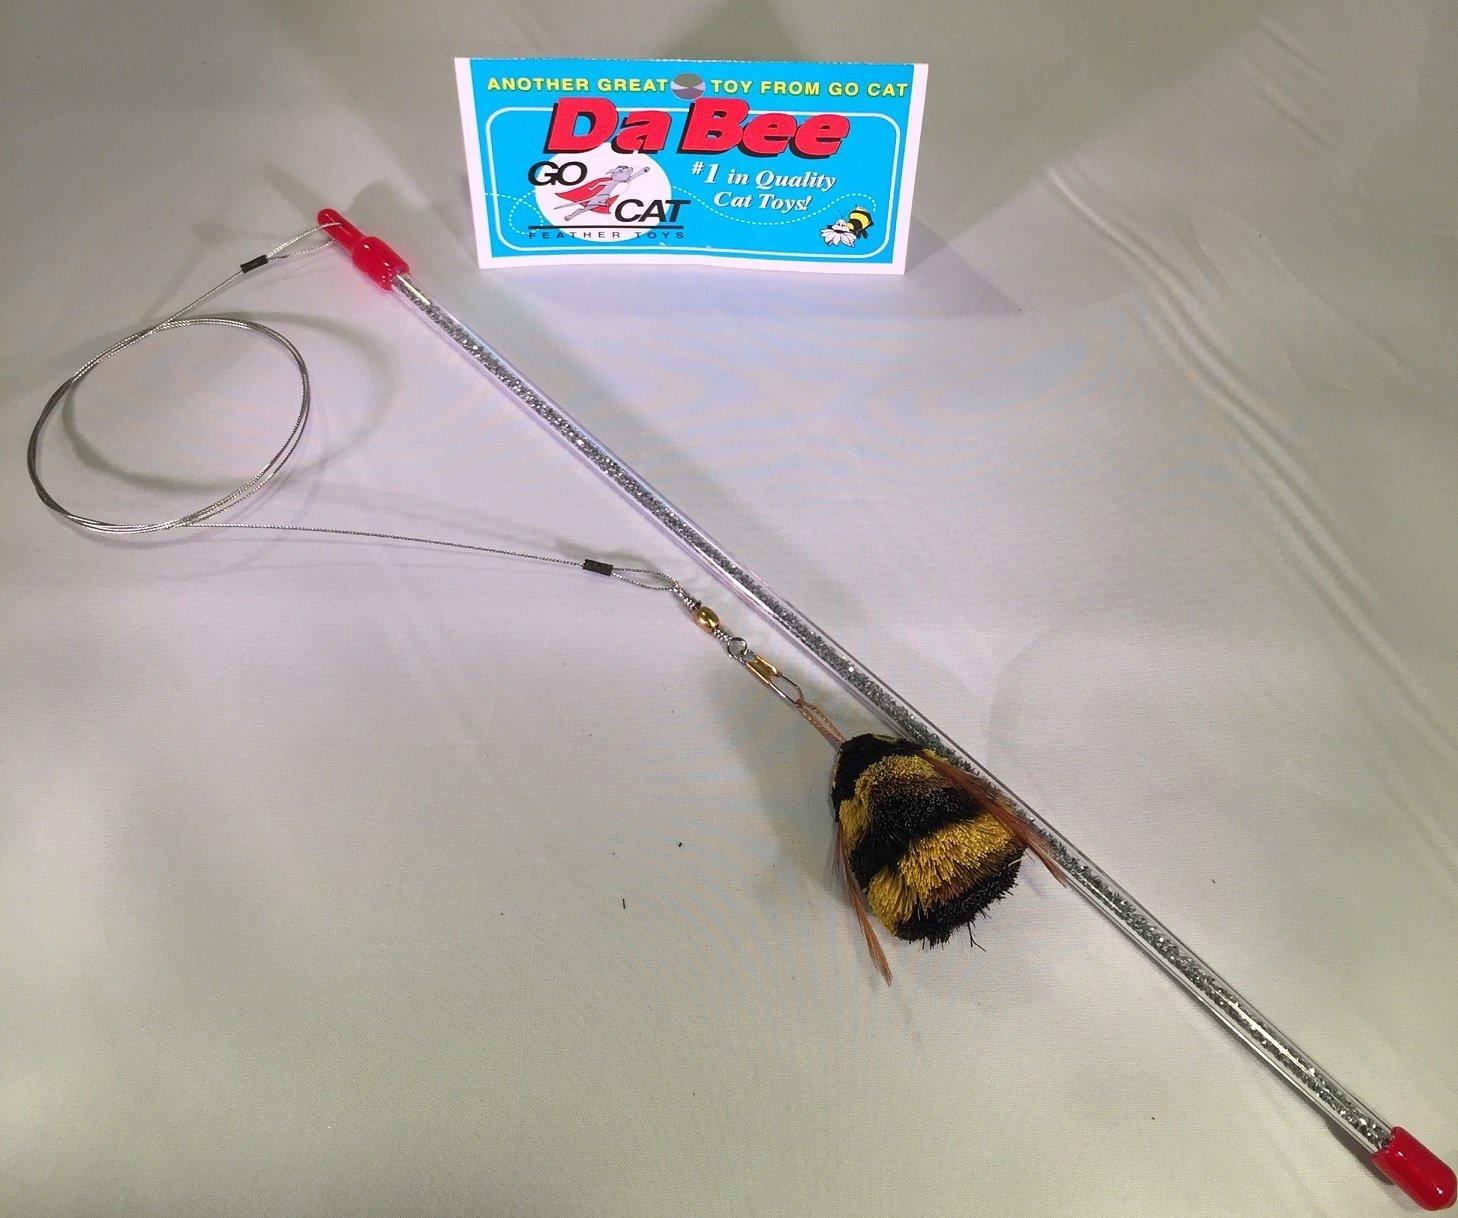 Go Cat Da Bee Teaser Wand From The Maker Of Da Bird and Cat Catcher - Silver Glitter Wand